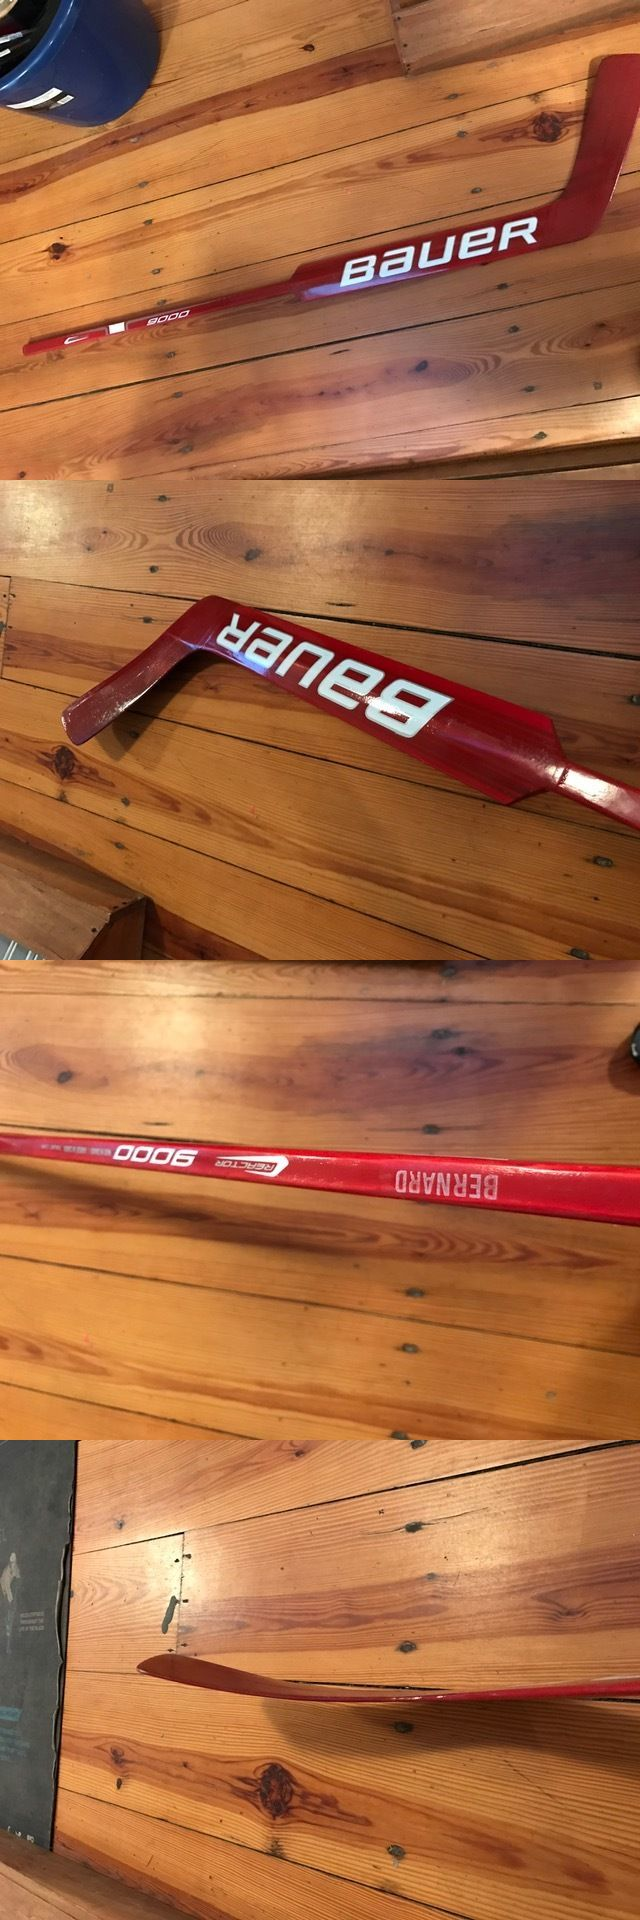 Face Masks 79762: Ncaa Return Bauer Reactor 9000 Ice Hockey Goalie Goaltender Stick Sacred Heart -> BUY IT NOW ONLY: $75 on eBay!